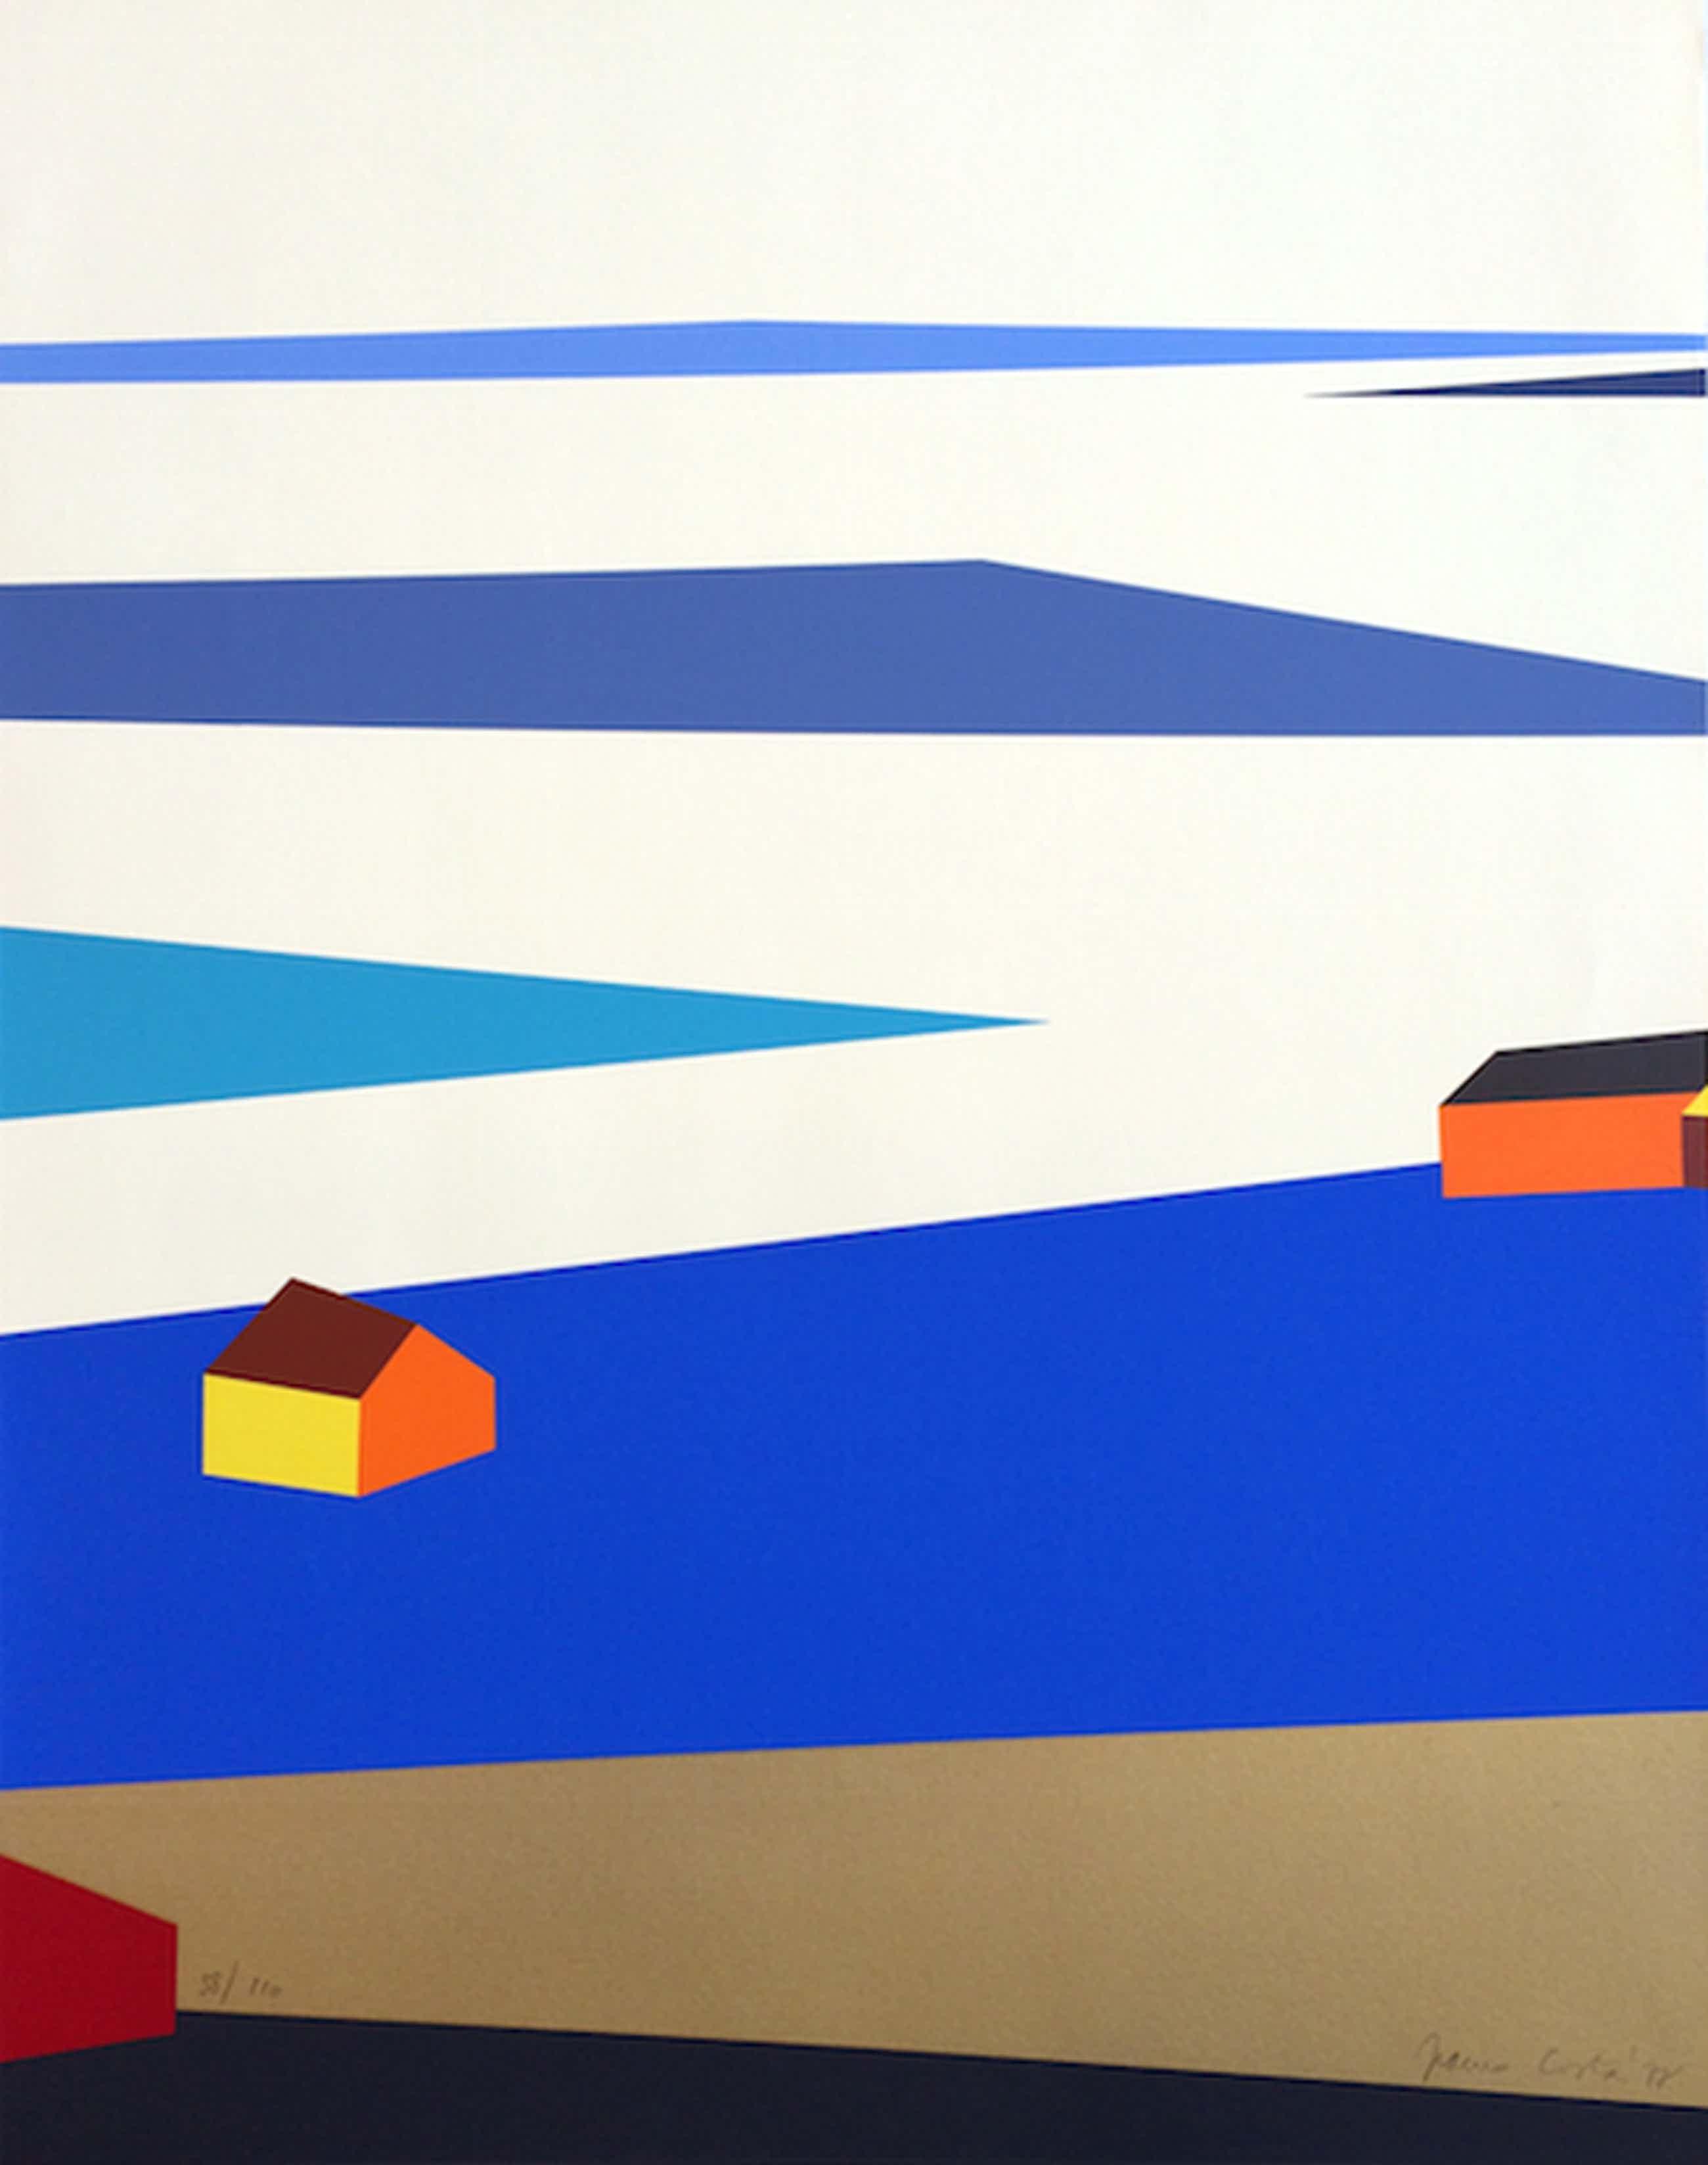 Franco Costa, mooie zeefdruk, Light of Sweden 2, 1977 kopen? Bied vanaf 50!